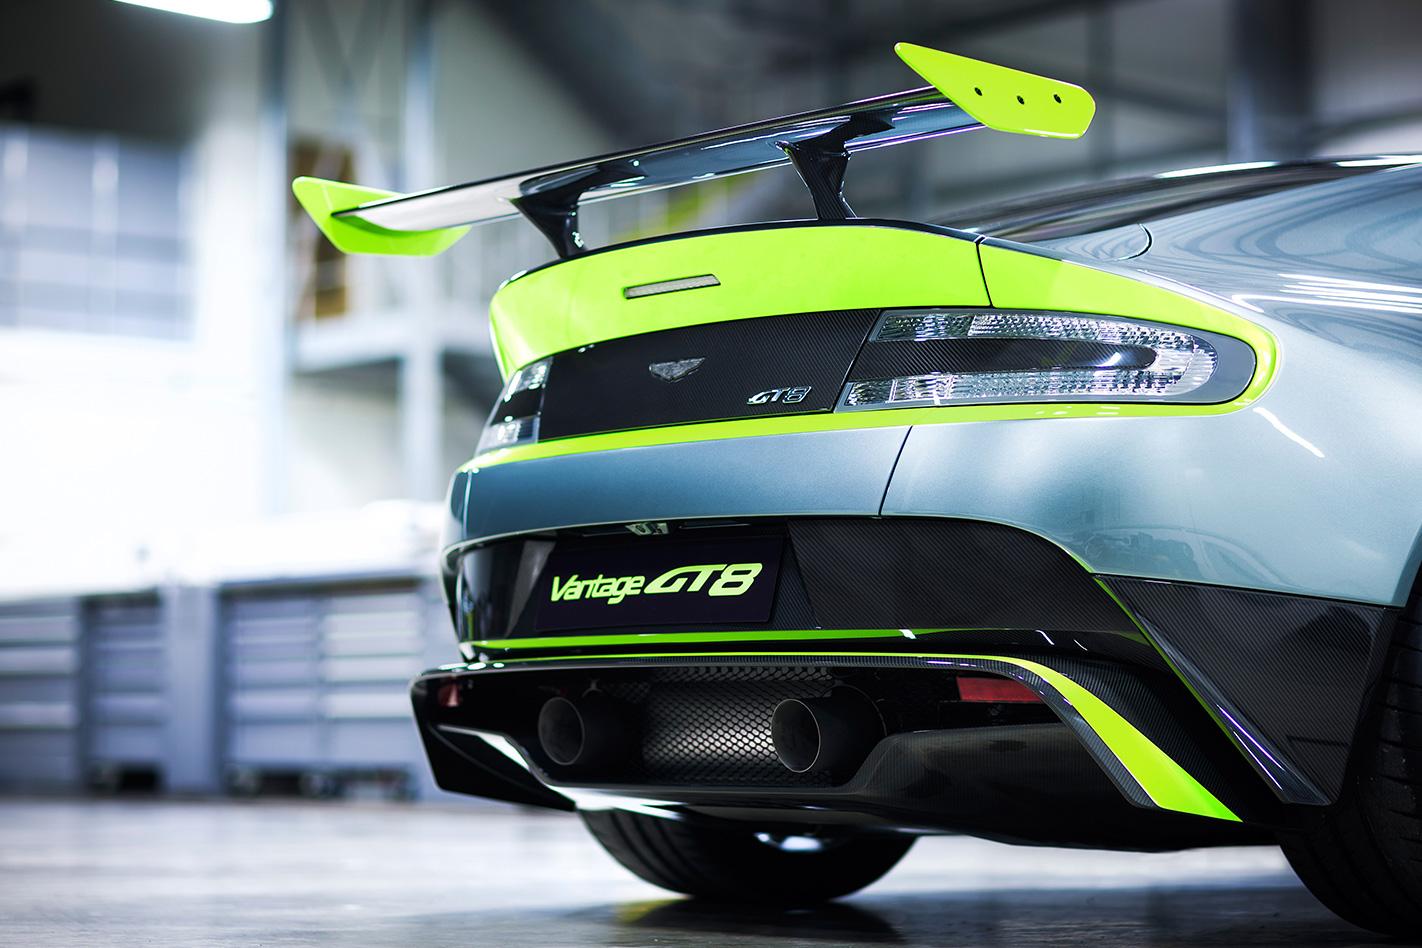 Aston -martin -vantage -gt 8-rear